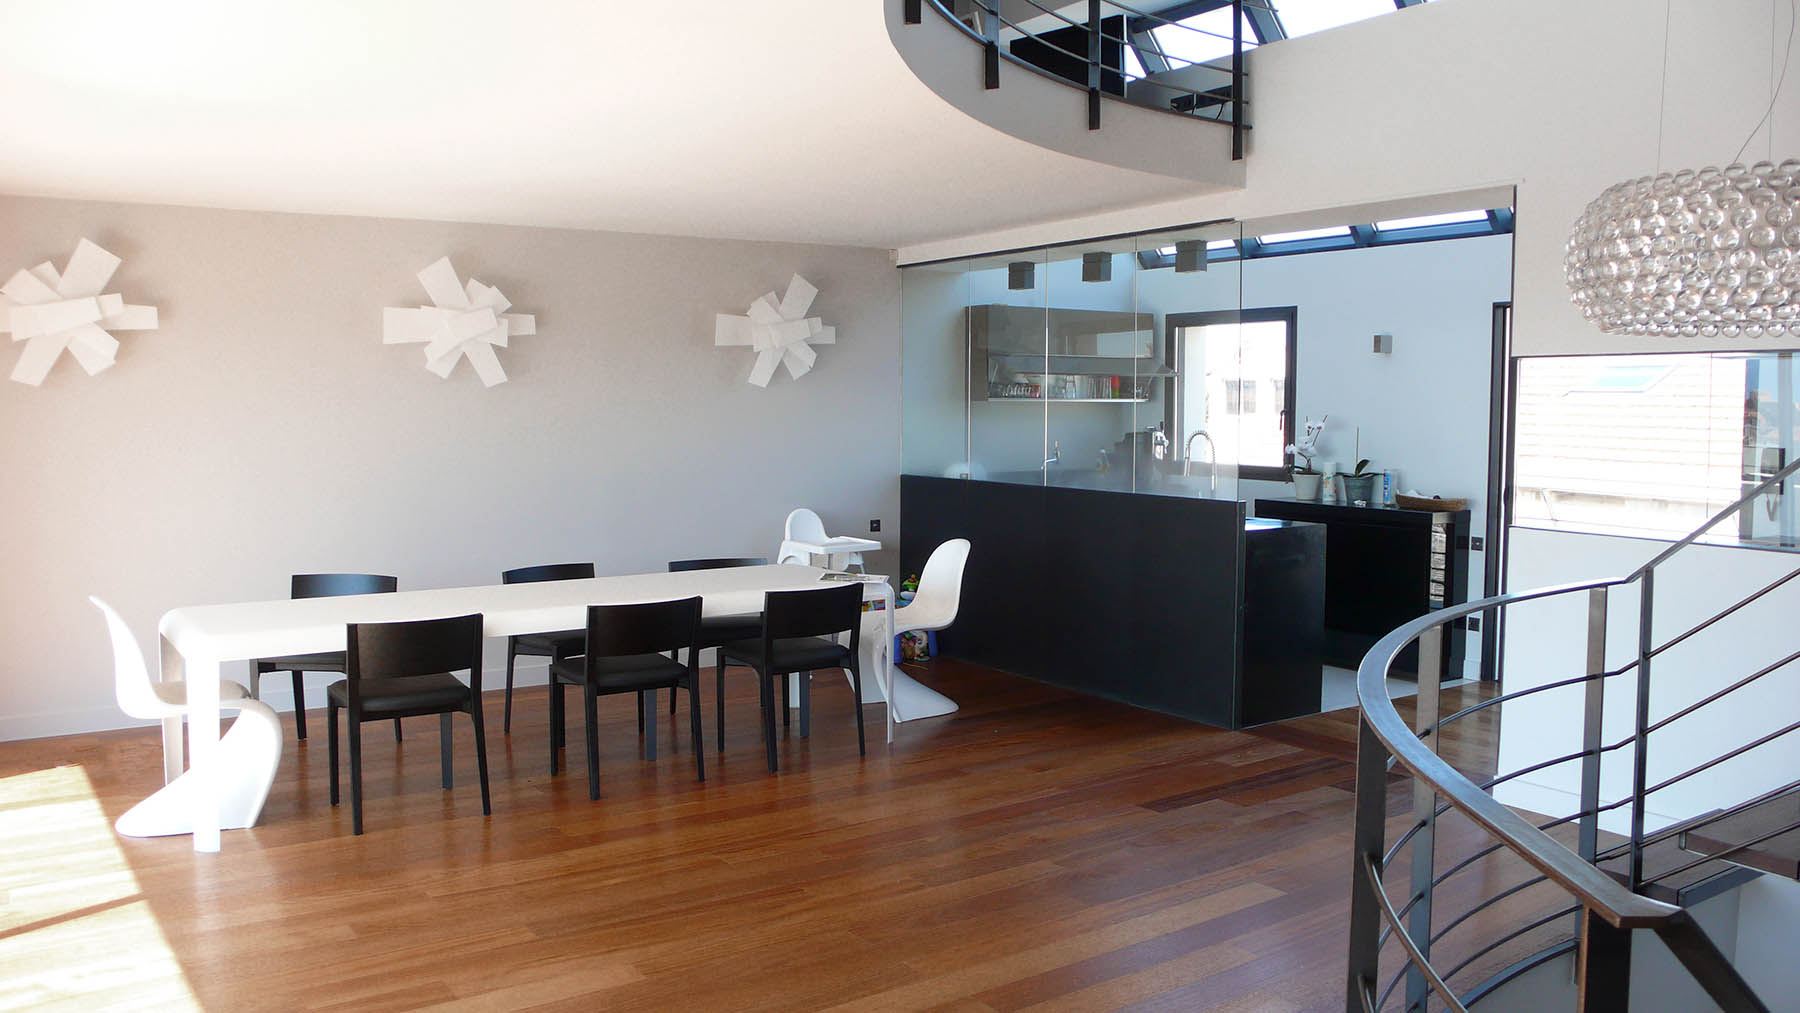 maison de ville e f marseille fr togu architecture. Black Bedroom Furniture Sets. Home Design Ideas